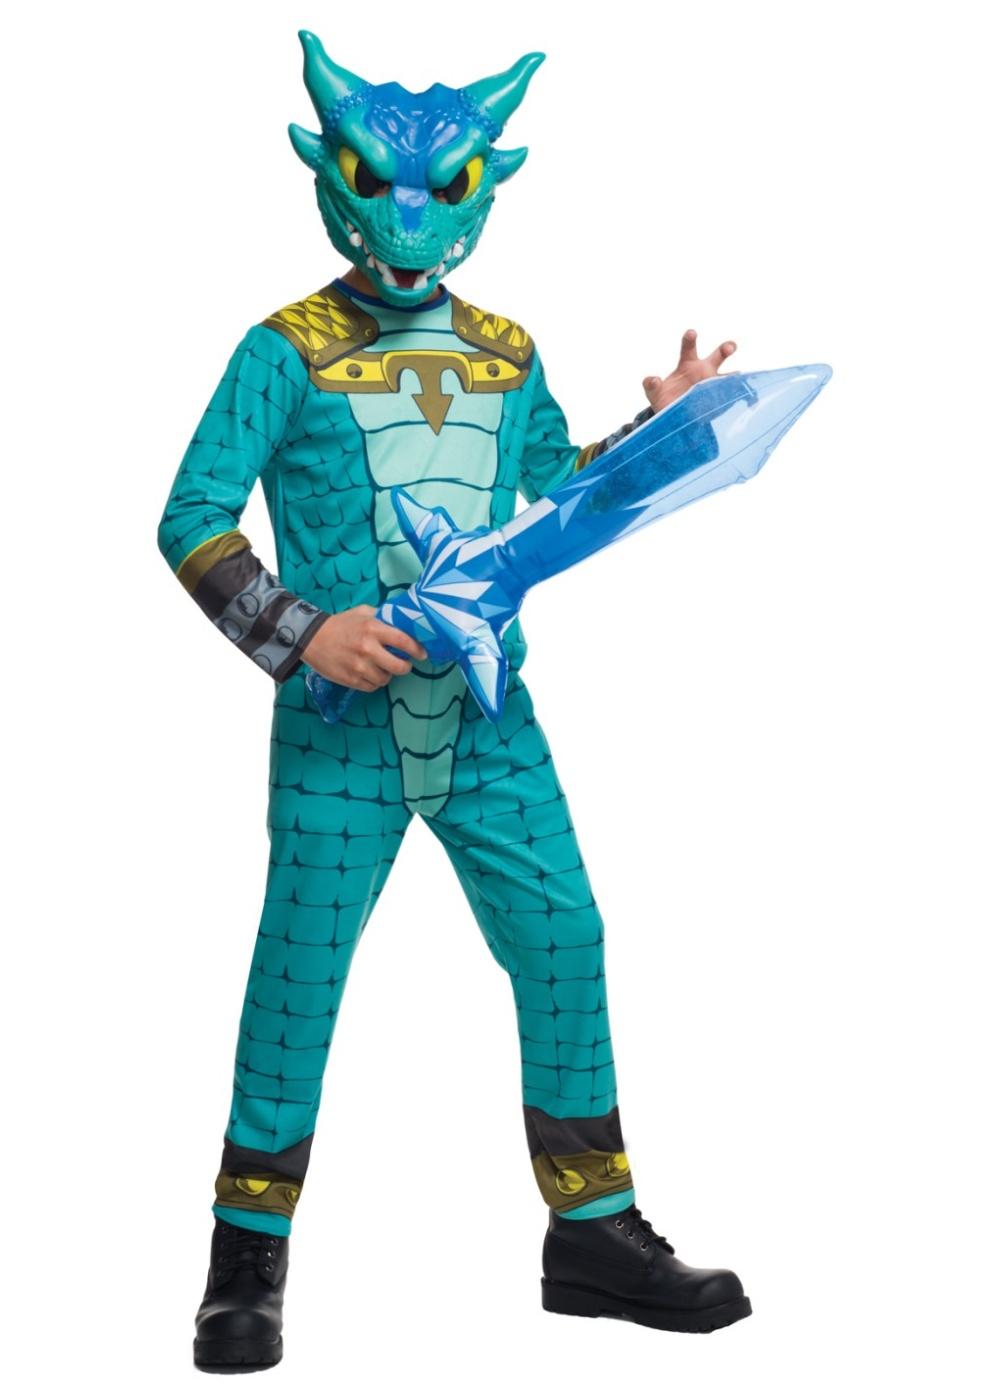 skylanders snap shot trap team boys costume video game